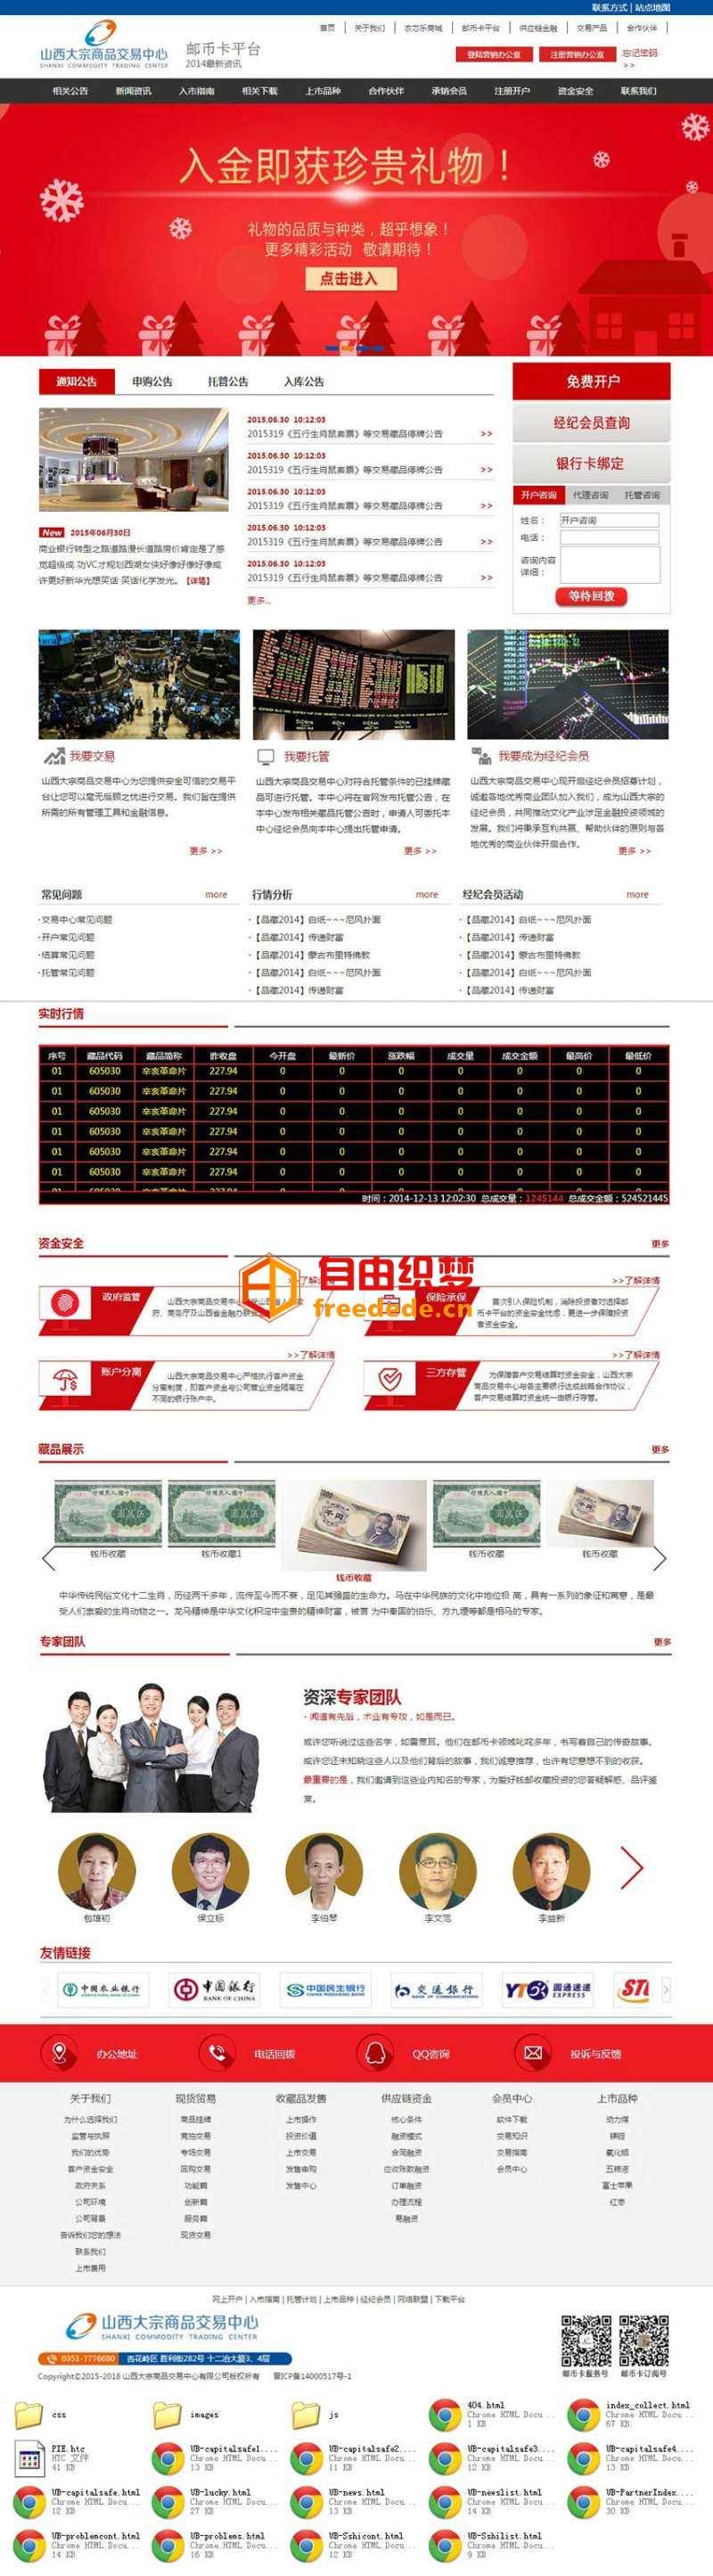 爱上源码网文章红色的金融投资交易网站模板html源码的内容插图